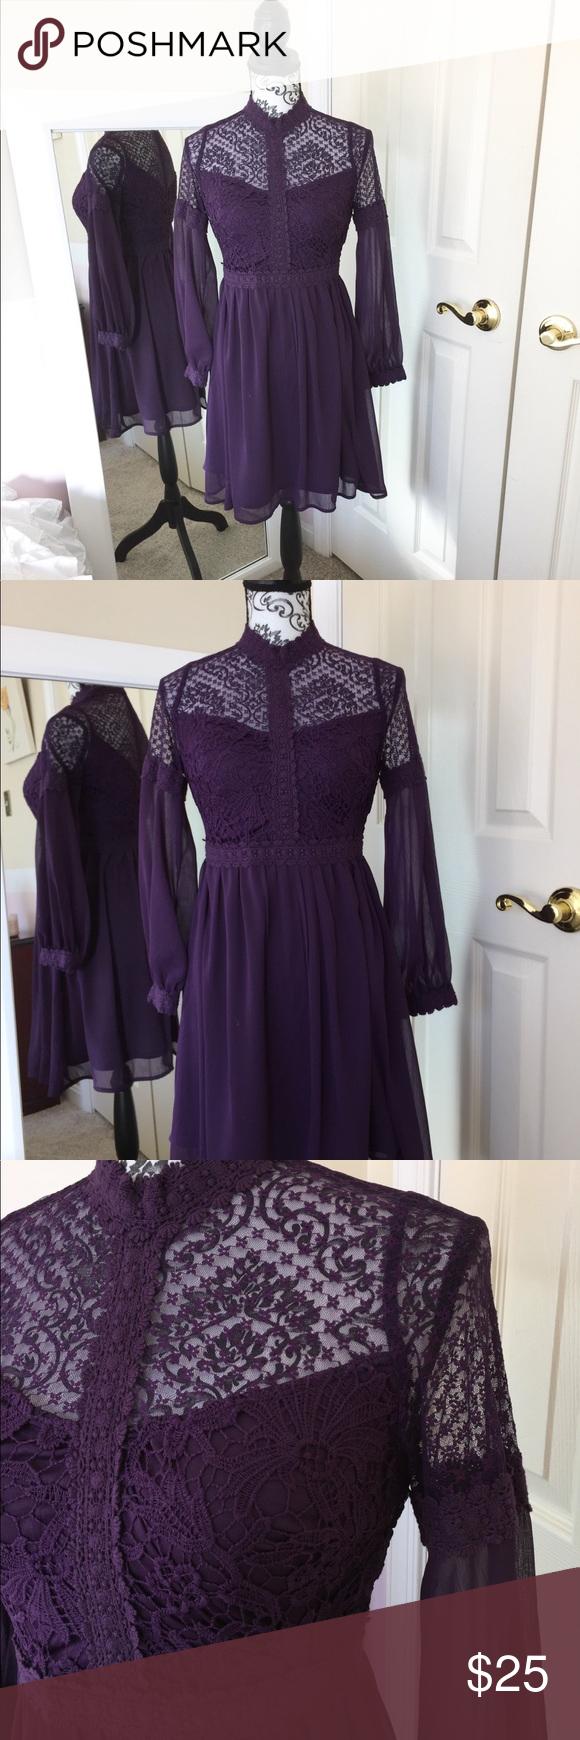 Xhilaration Target Brand Party Dress S Antique Lace Dress Lace Dress Dresses [ 1740 x 580 Pixel ]